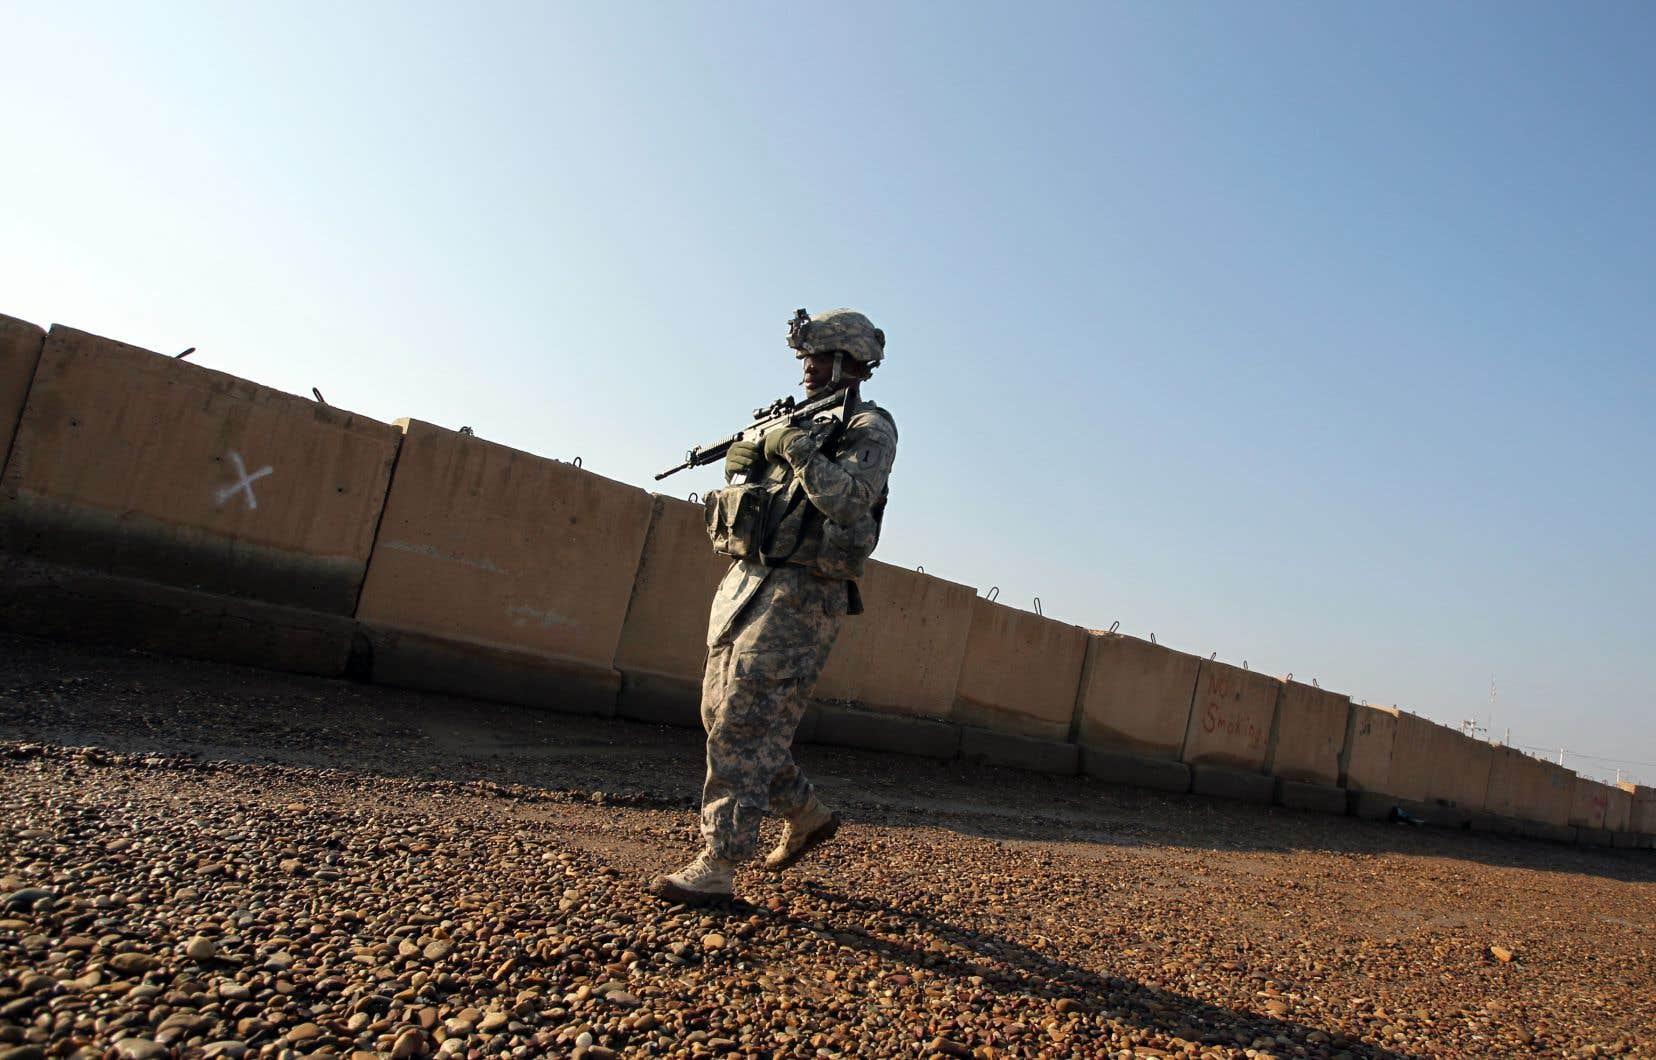 Le retrait américain de Syrie doit se faire en «assurant» la défense des alliés des États-Unis dans la lutte contre les groupes terroristes, a fait savoir le conseiller pour la sécurité nationale de la Maison-Blanche.